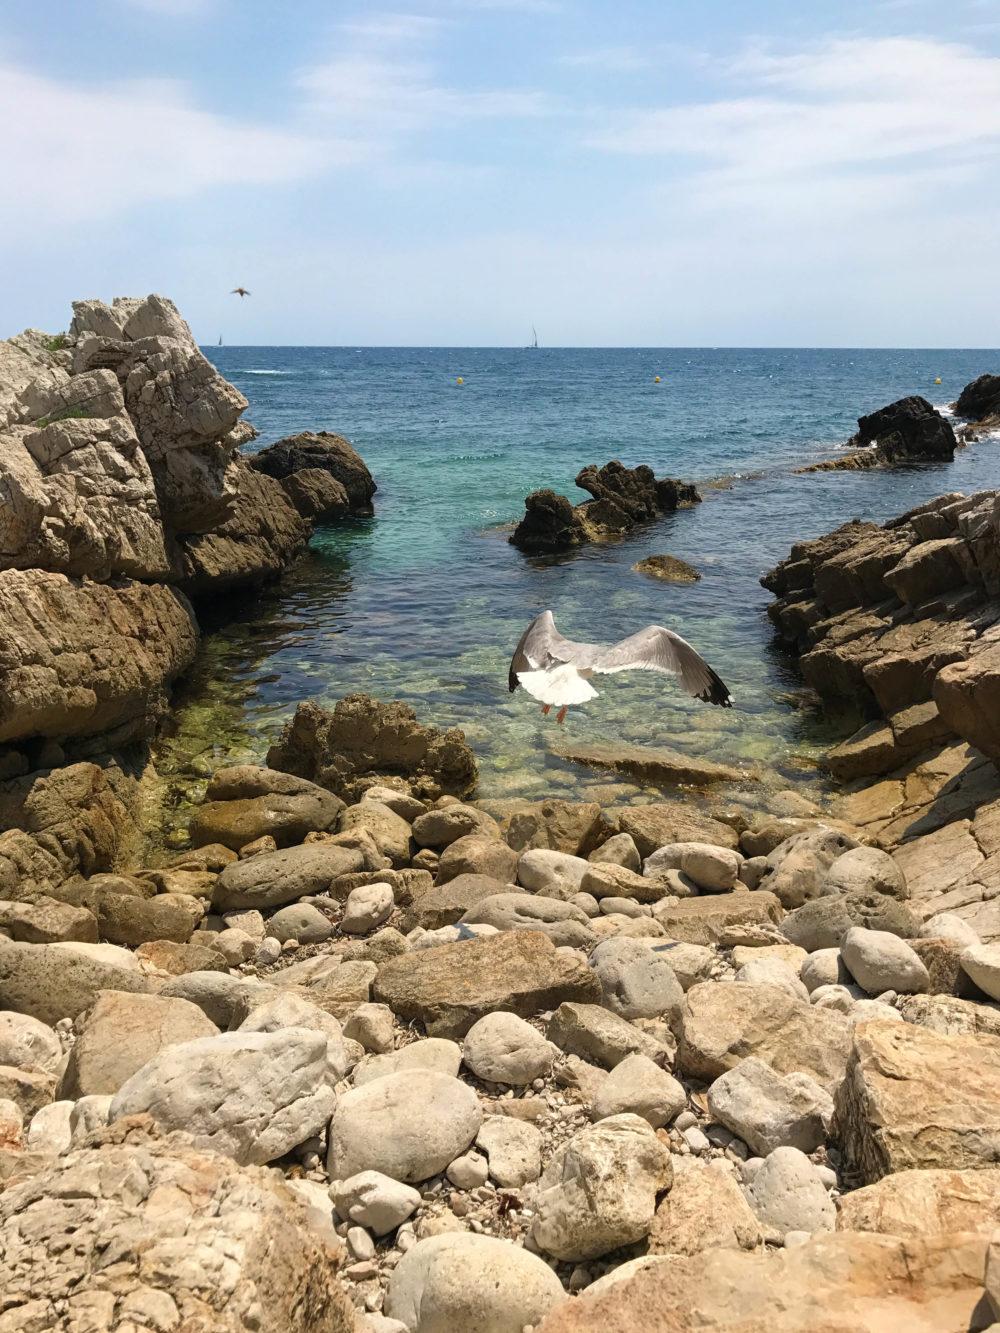 crique plage villa eilenroc cap d'antibes